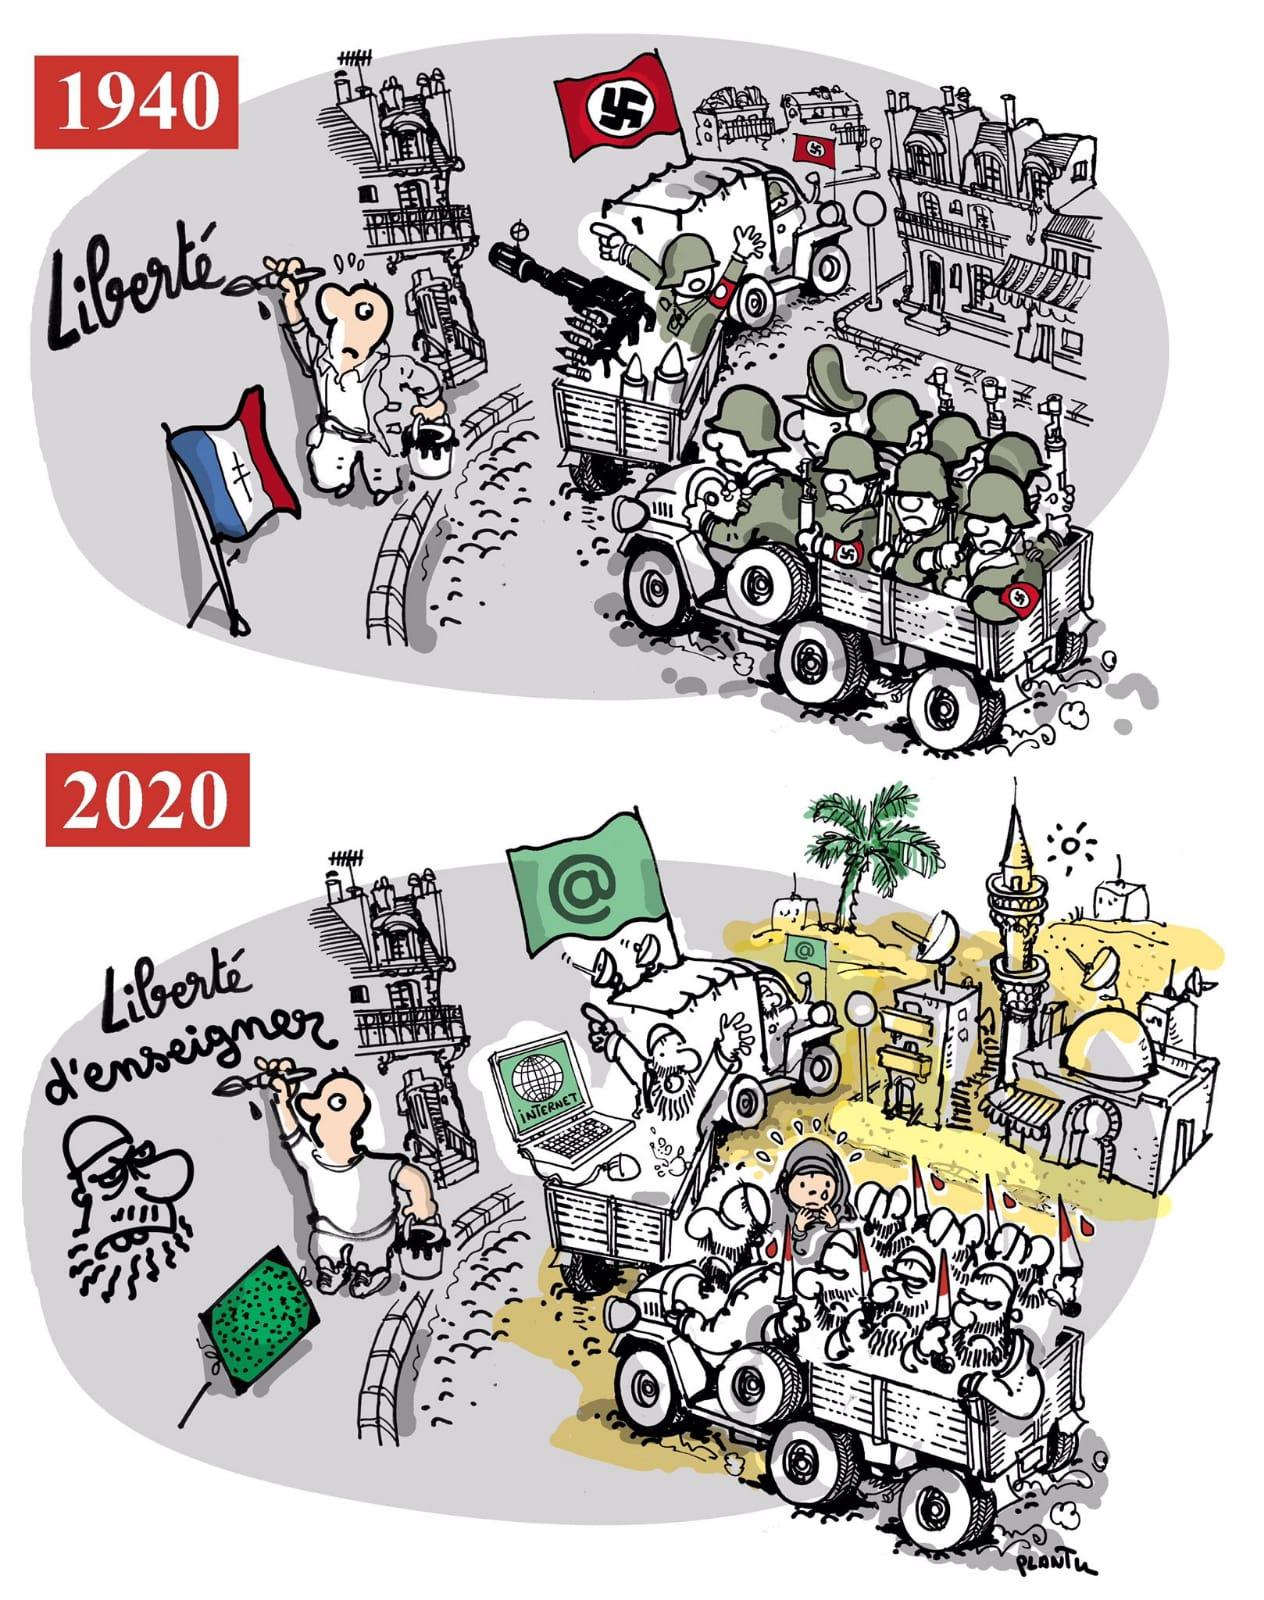 """קריקטורה של @plantu : """"מורה שנרצח בגלל שלימד את החופש לחשוב, לומר, להאמין, לכתוב ולצייר. החופש הזה הוא לב ההיסטוריה שלנו, הזהות שלנו, התרבות שלנו, והיא מותקפת."""" // מתוך למונד, צרפת"""